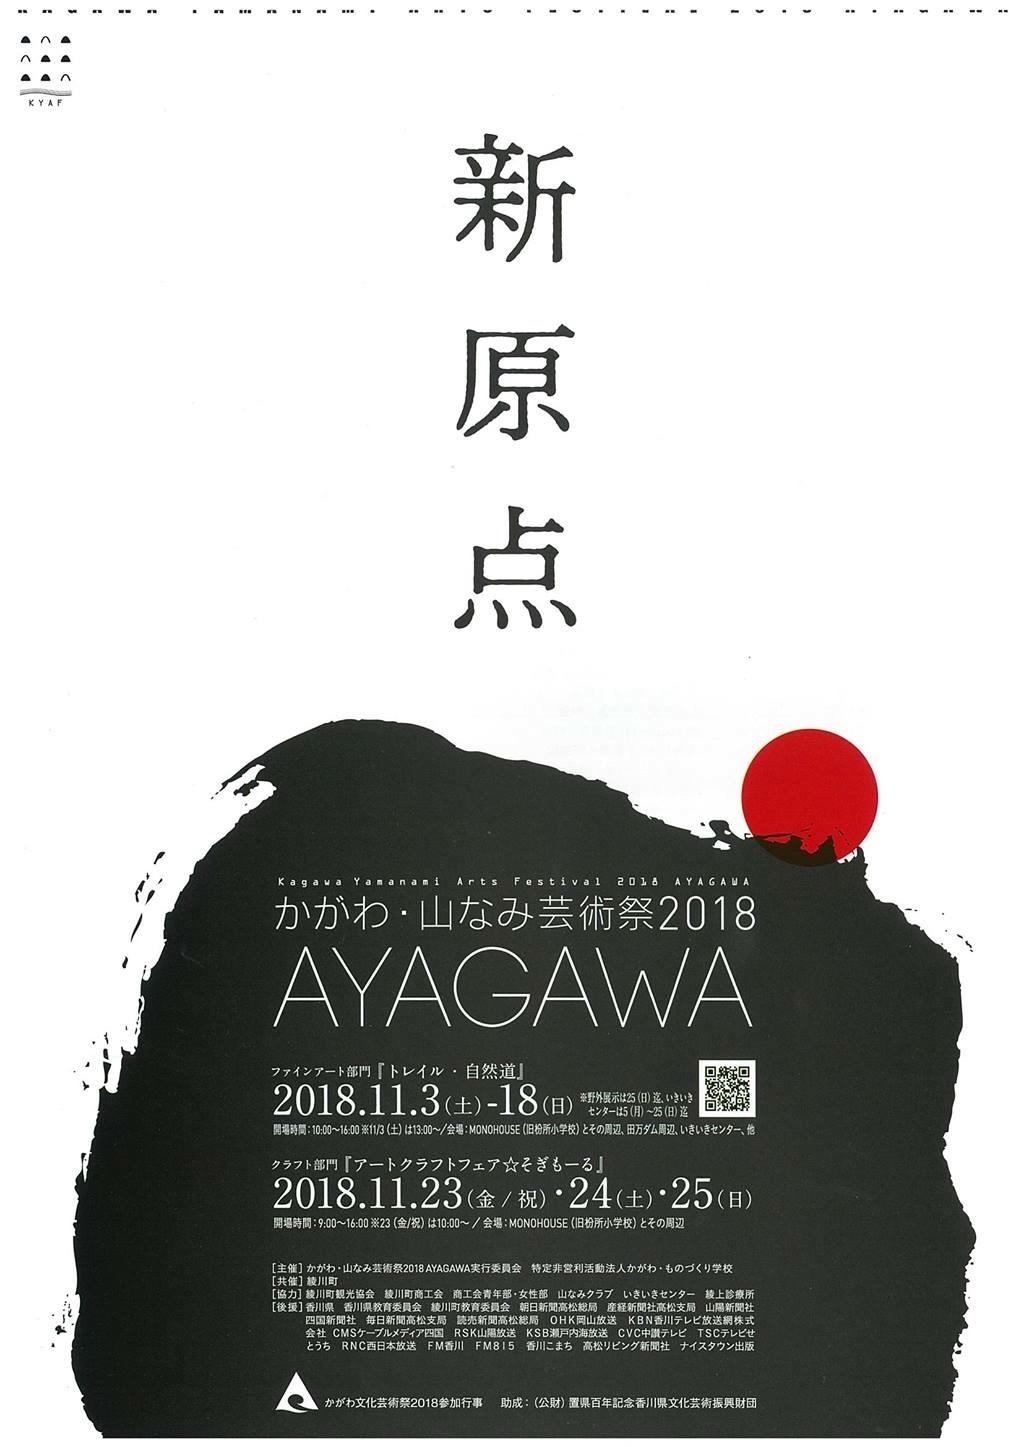 かがわ・山なみ芸術祭2018 AYAGAWAに出展します